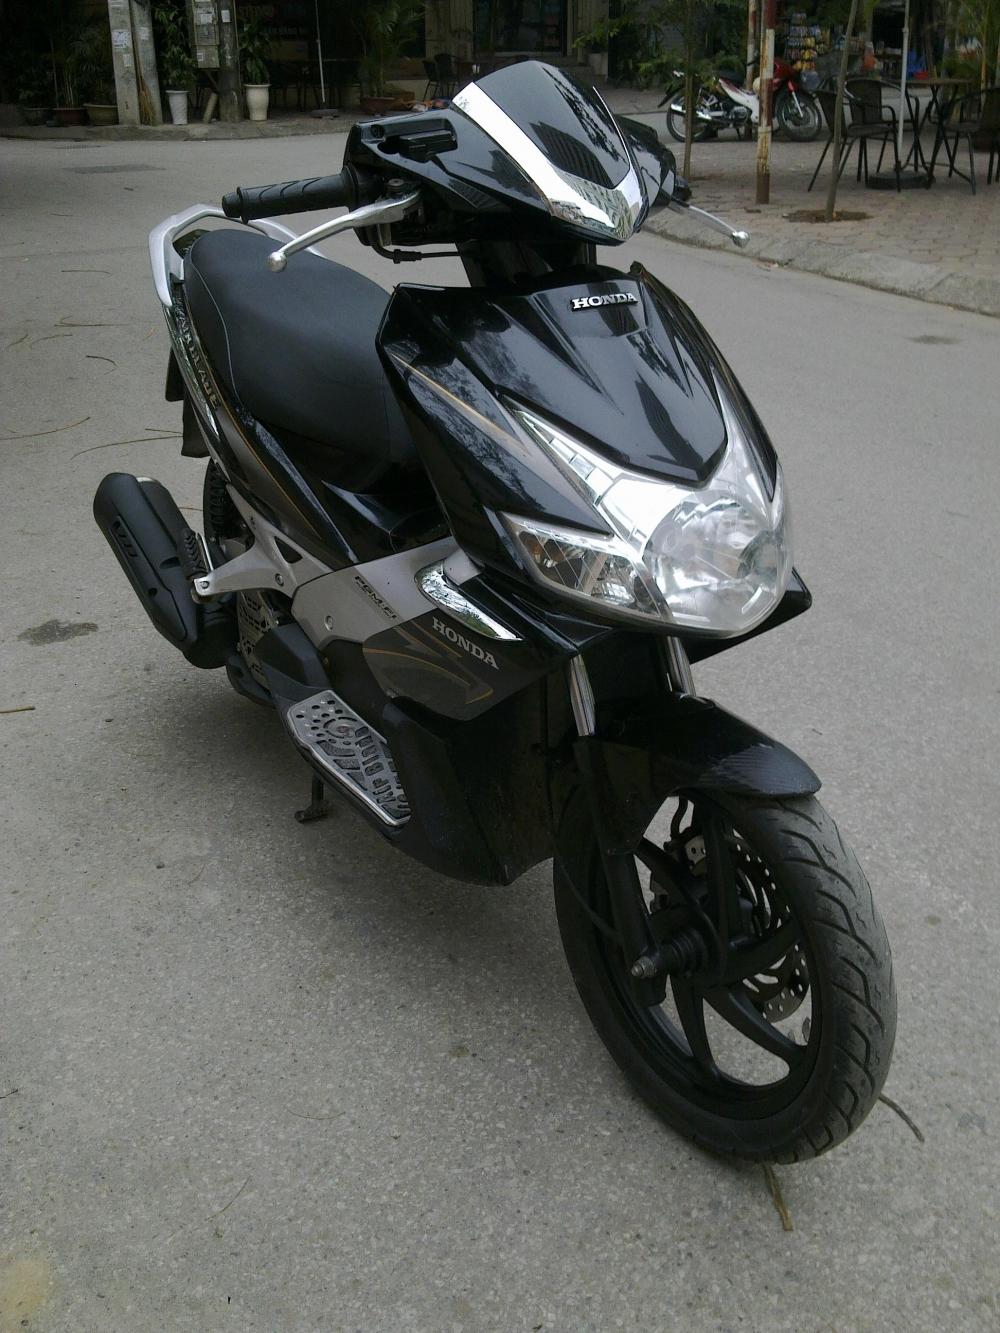 ban Airblade 110 Fi ks 30X 6783 vn 2010 29 trieu d chinh chu gd